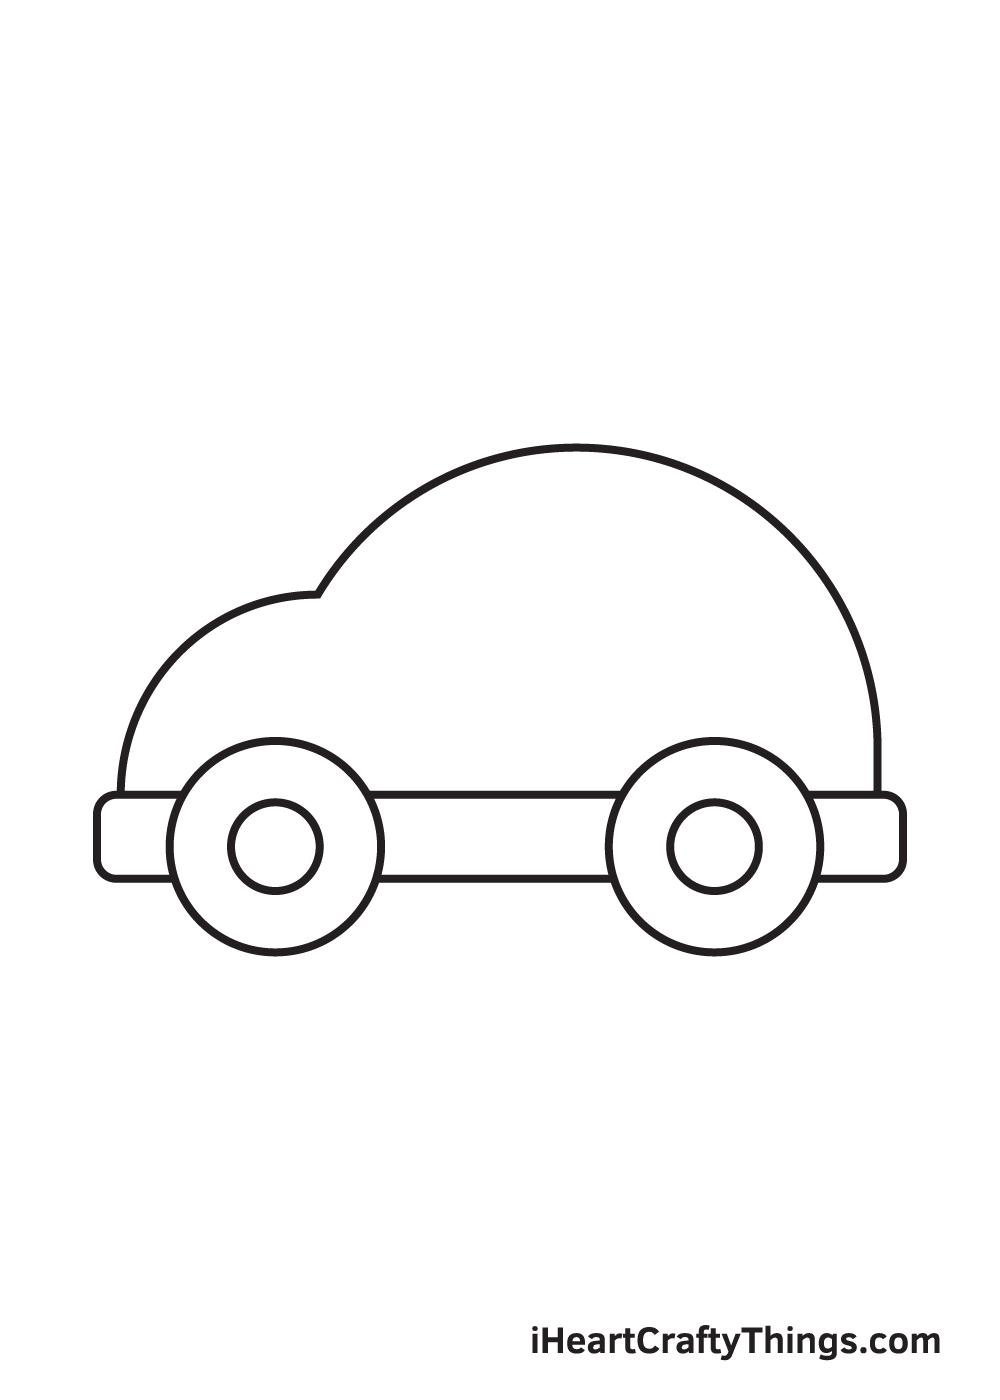 bản vẽ ô tô - bước 4